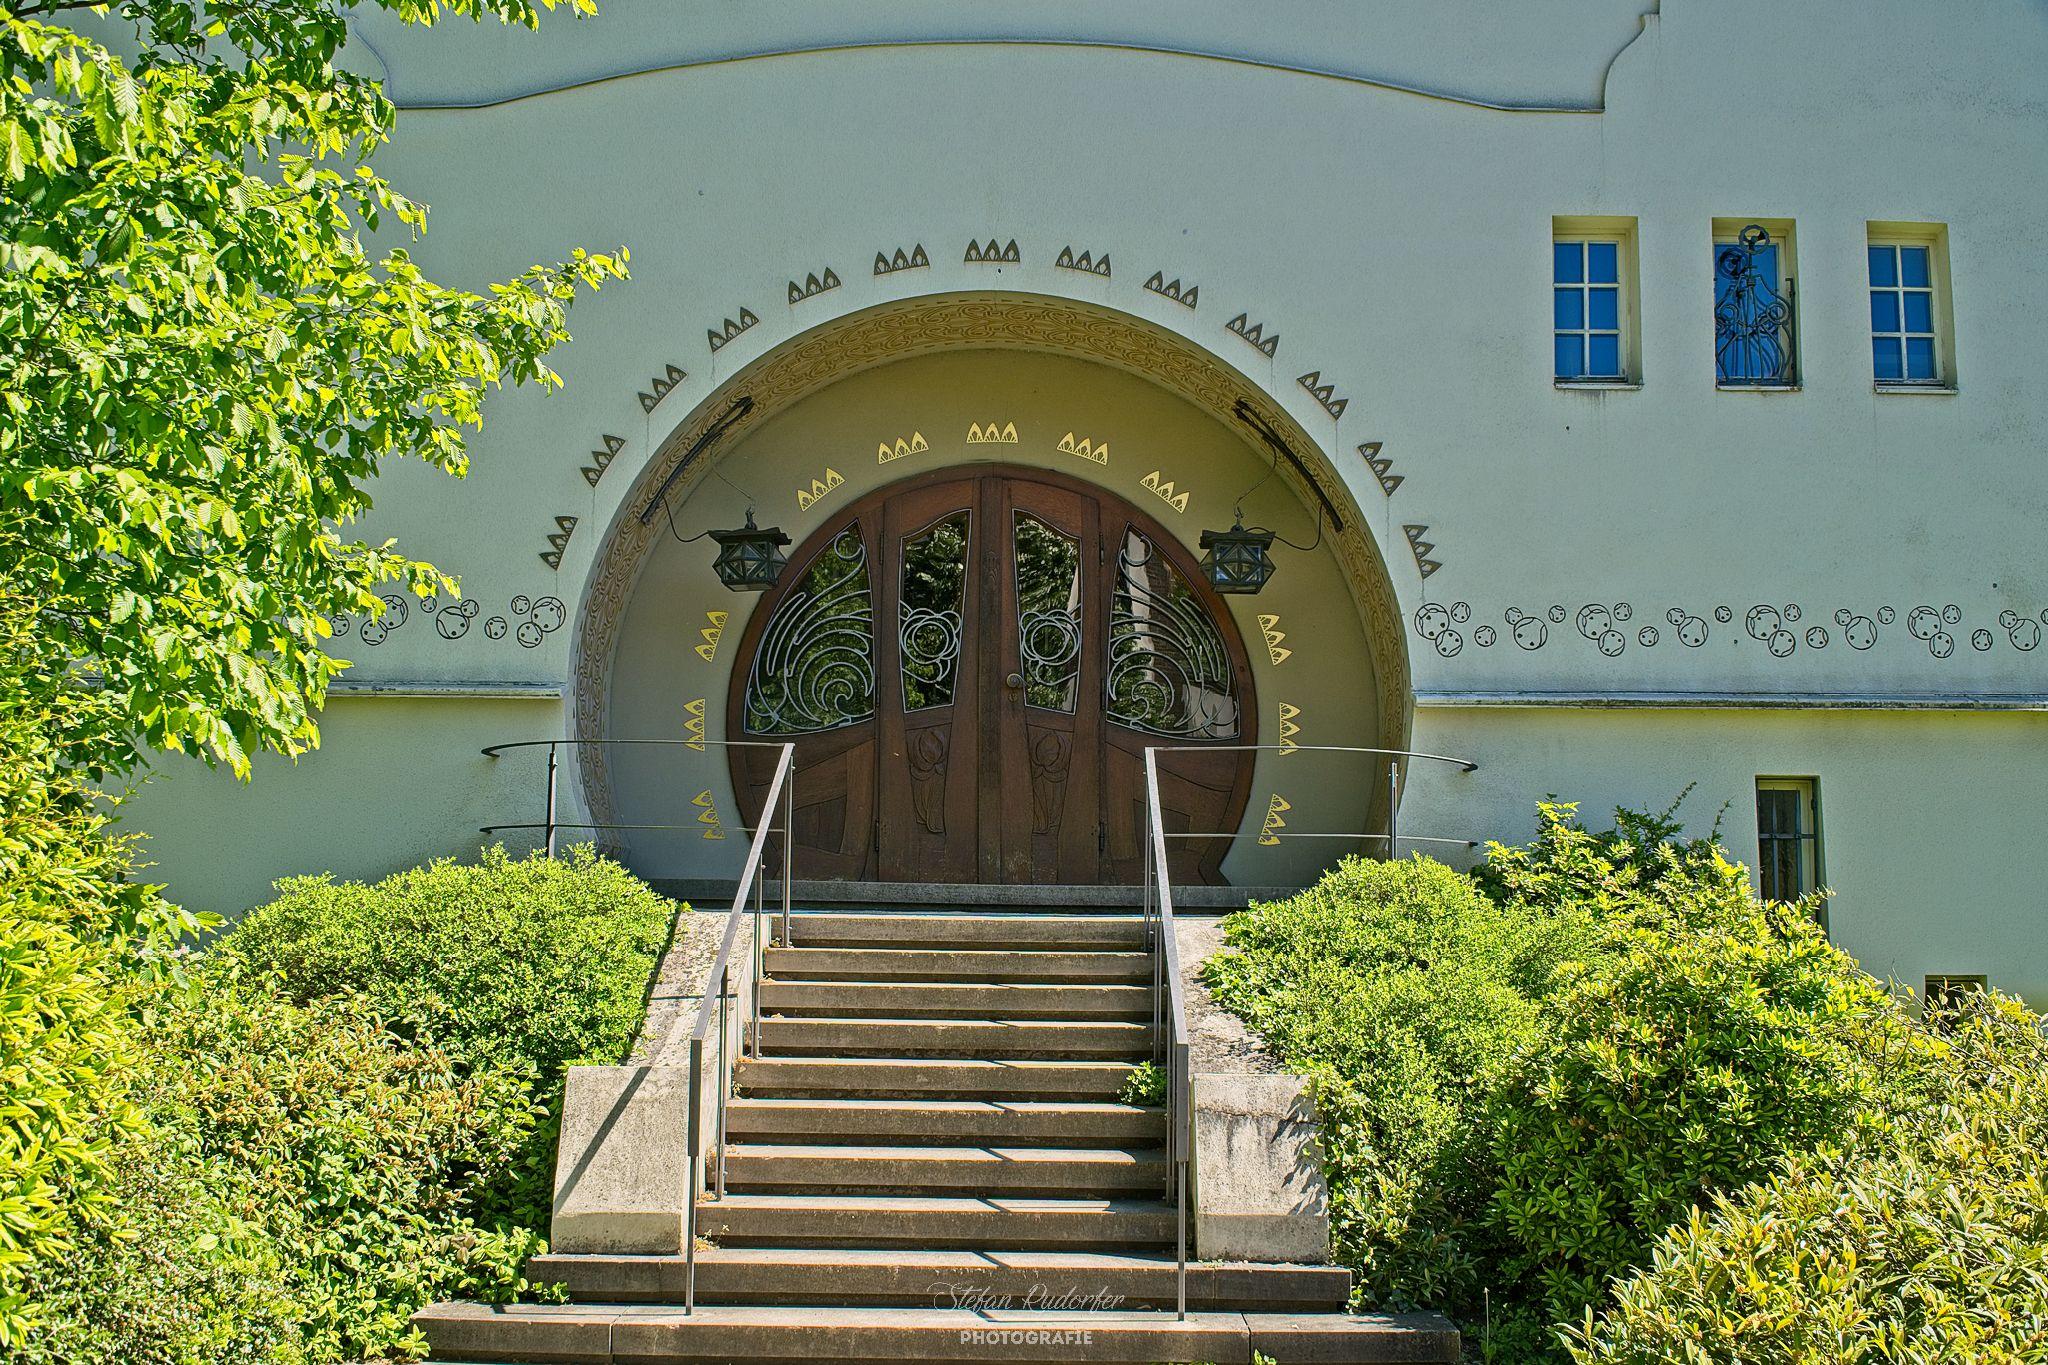 Eingangstüre zur Akademie